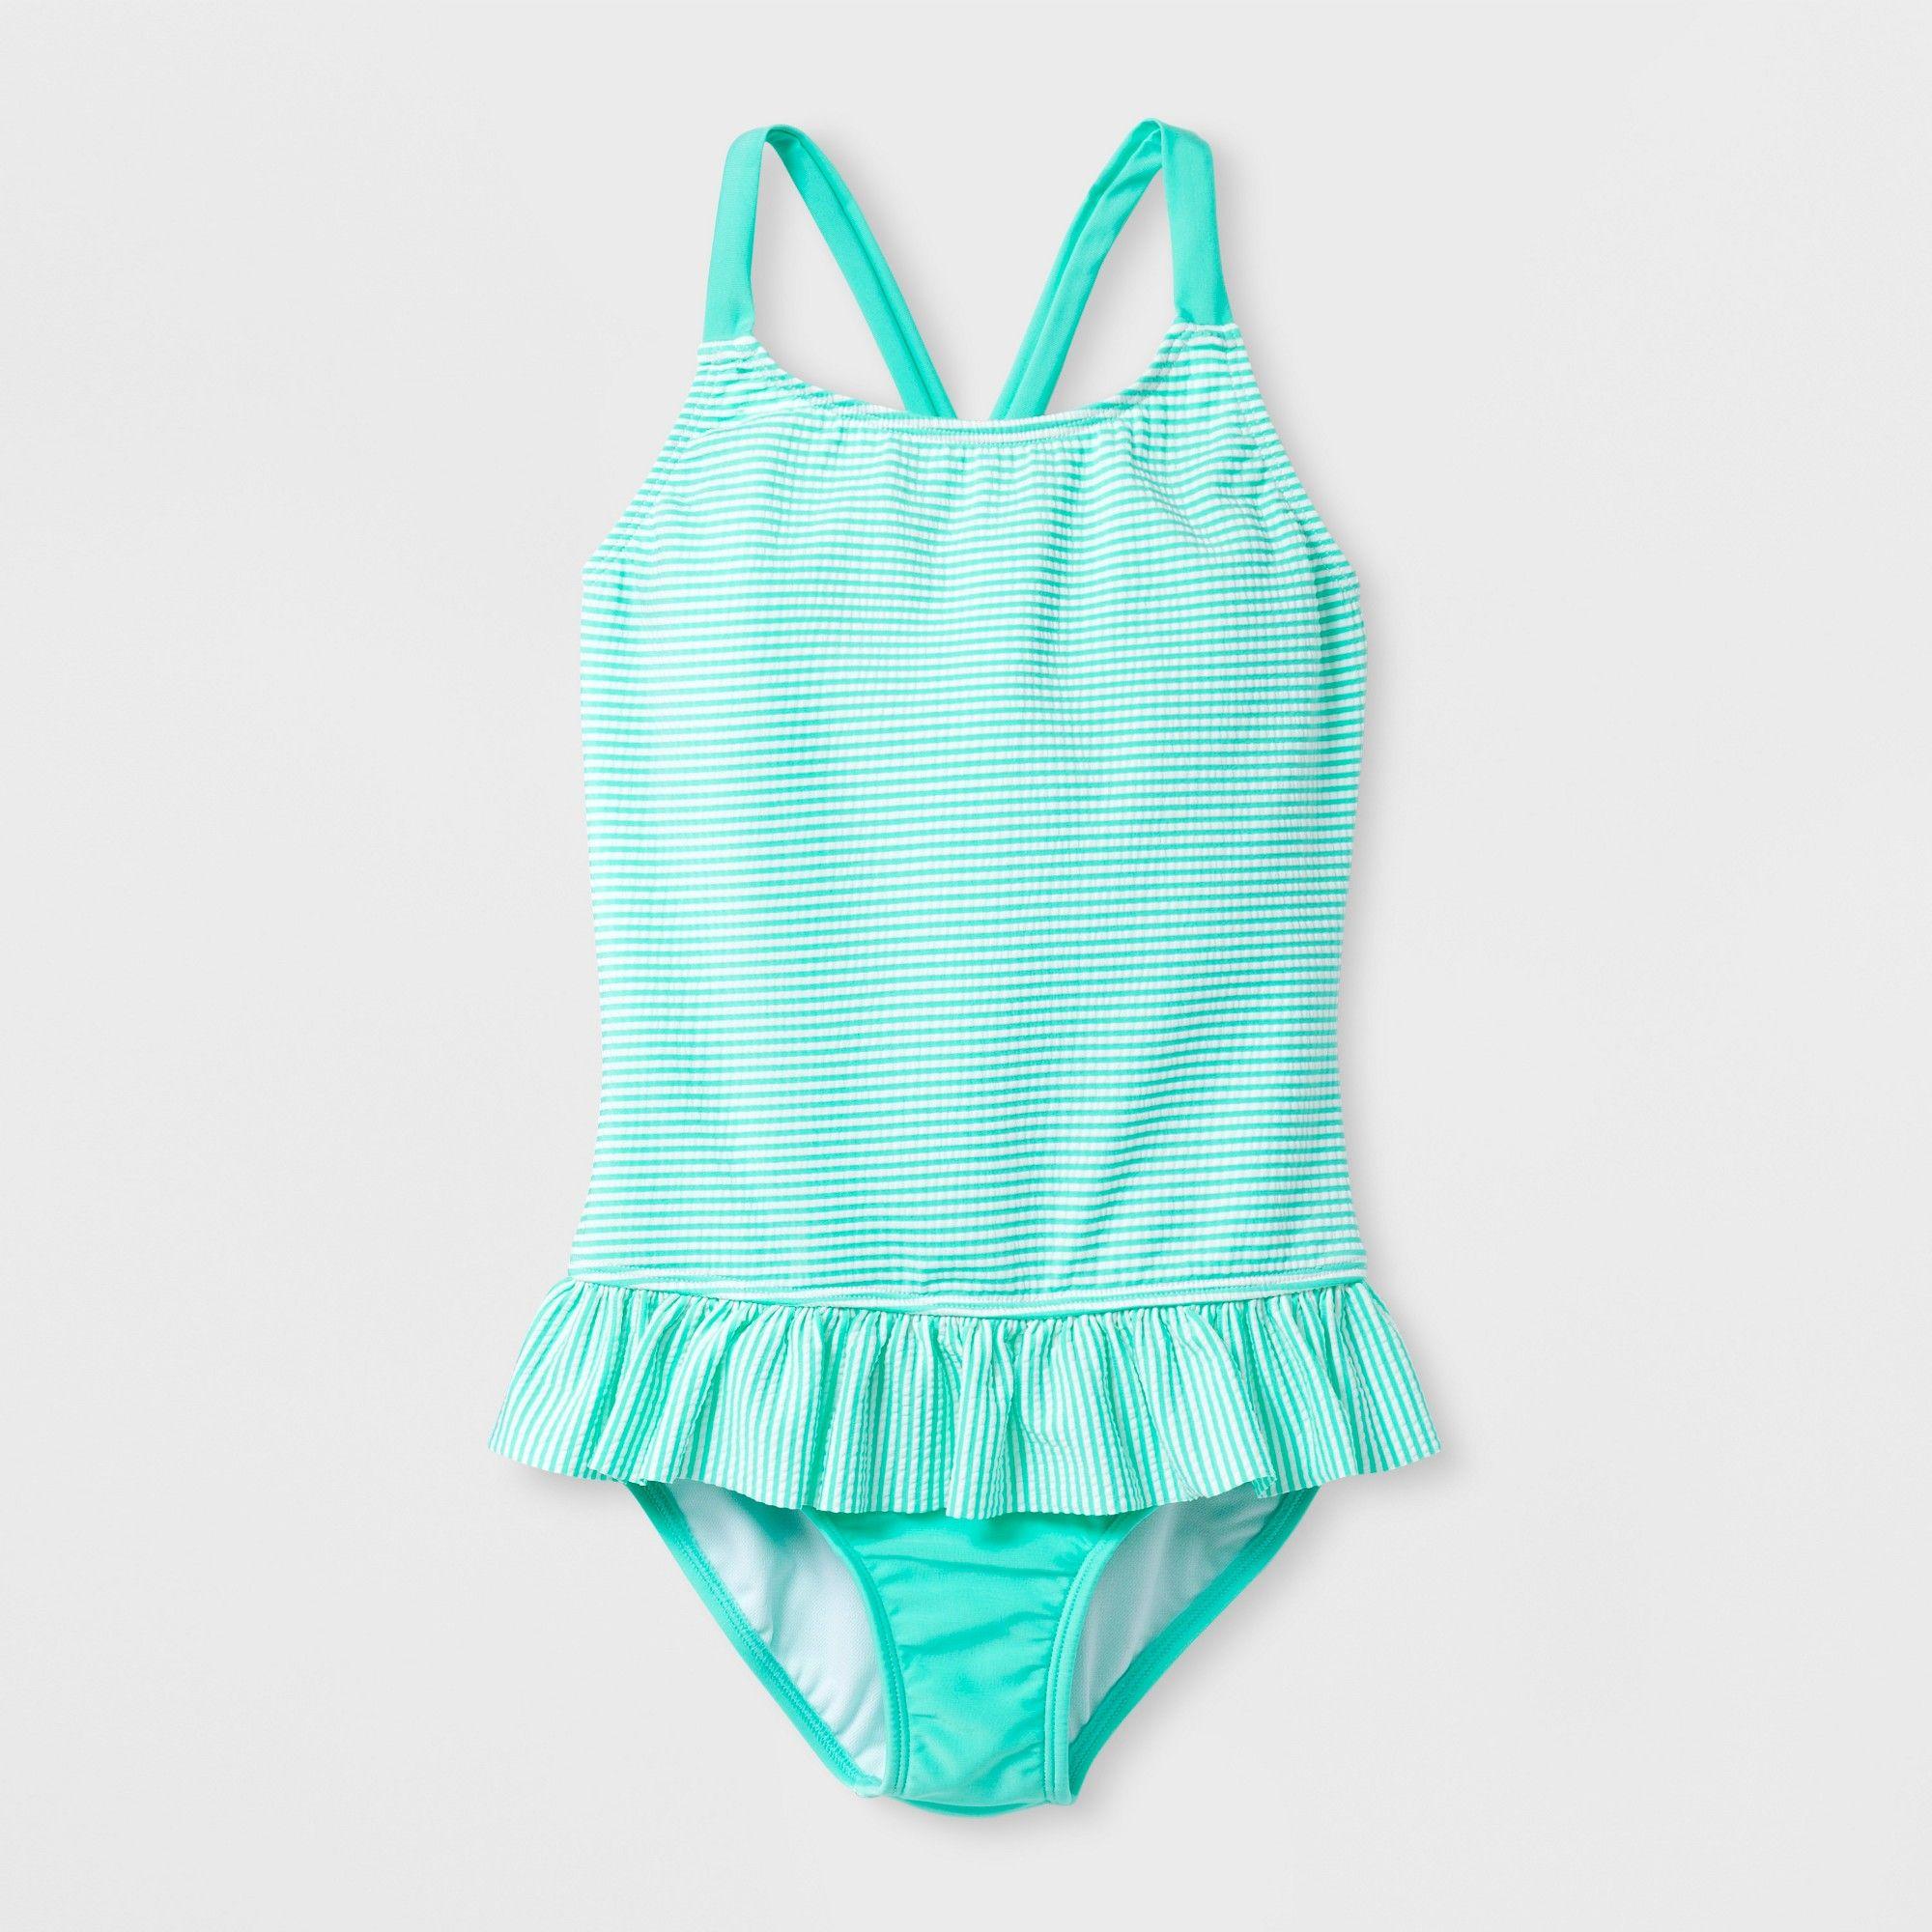 8444523311 Girls' Seersucker One Piece Swimsuit - Cat & Jack Mint M, Blue ...